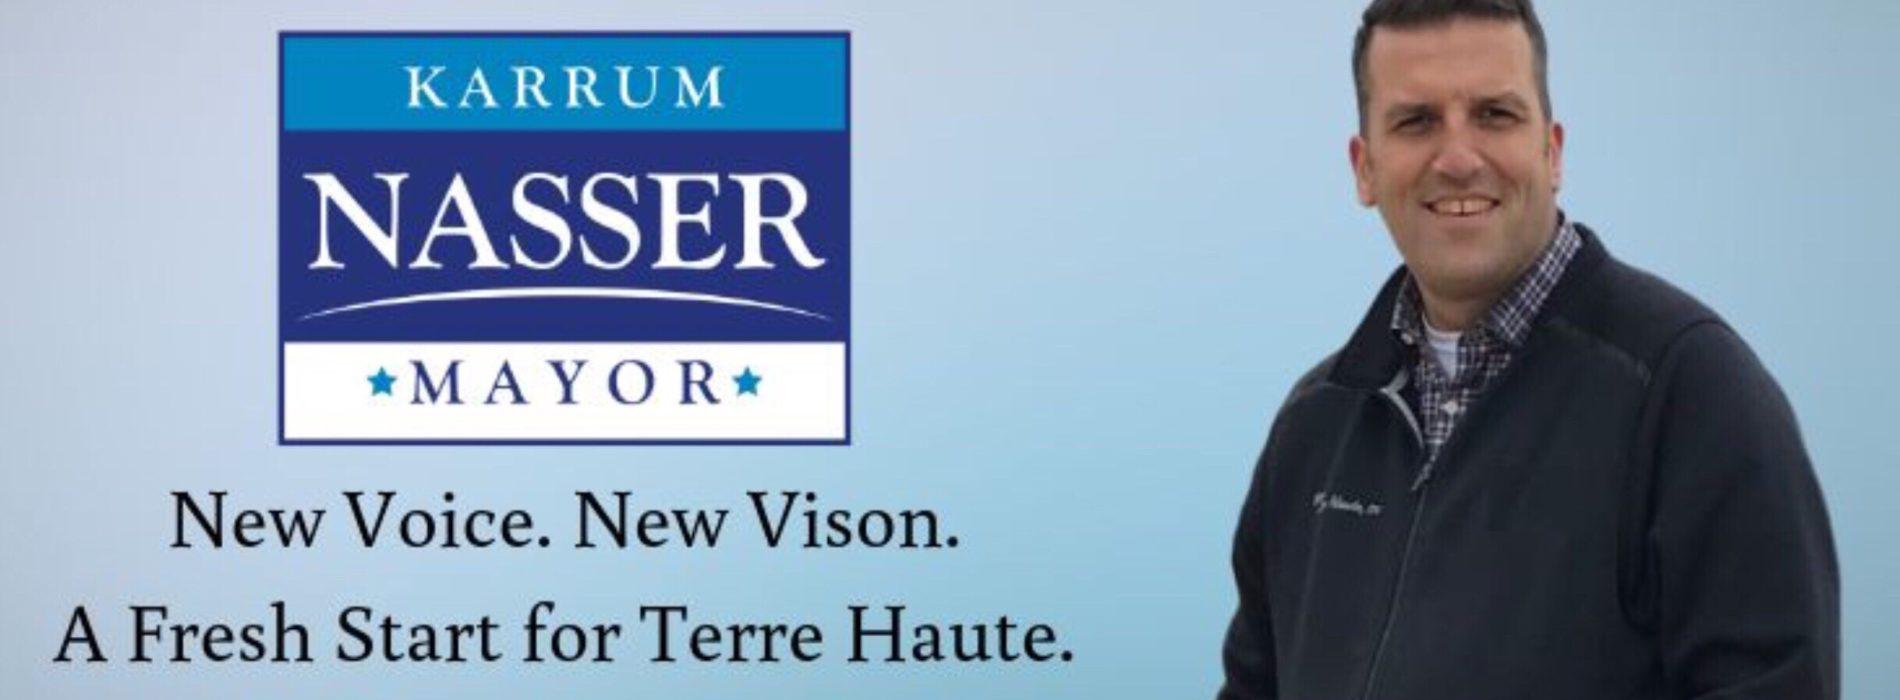 Karrum Nasser Joins The Gary Snyder Show